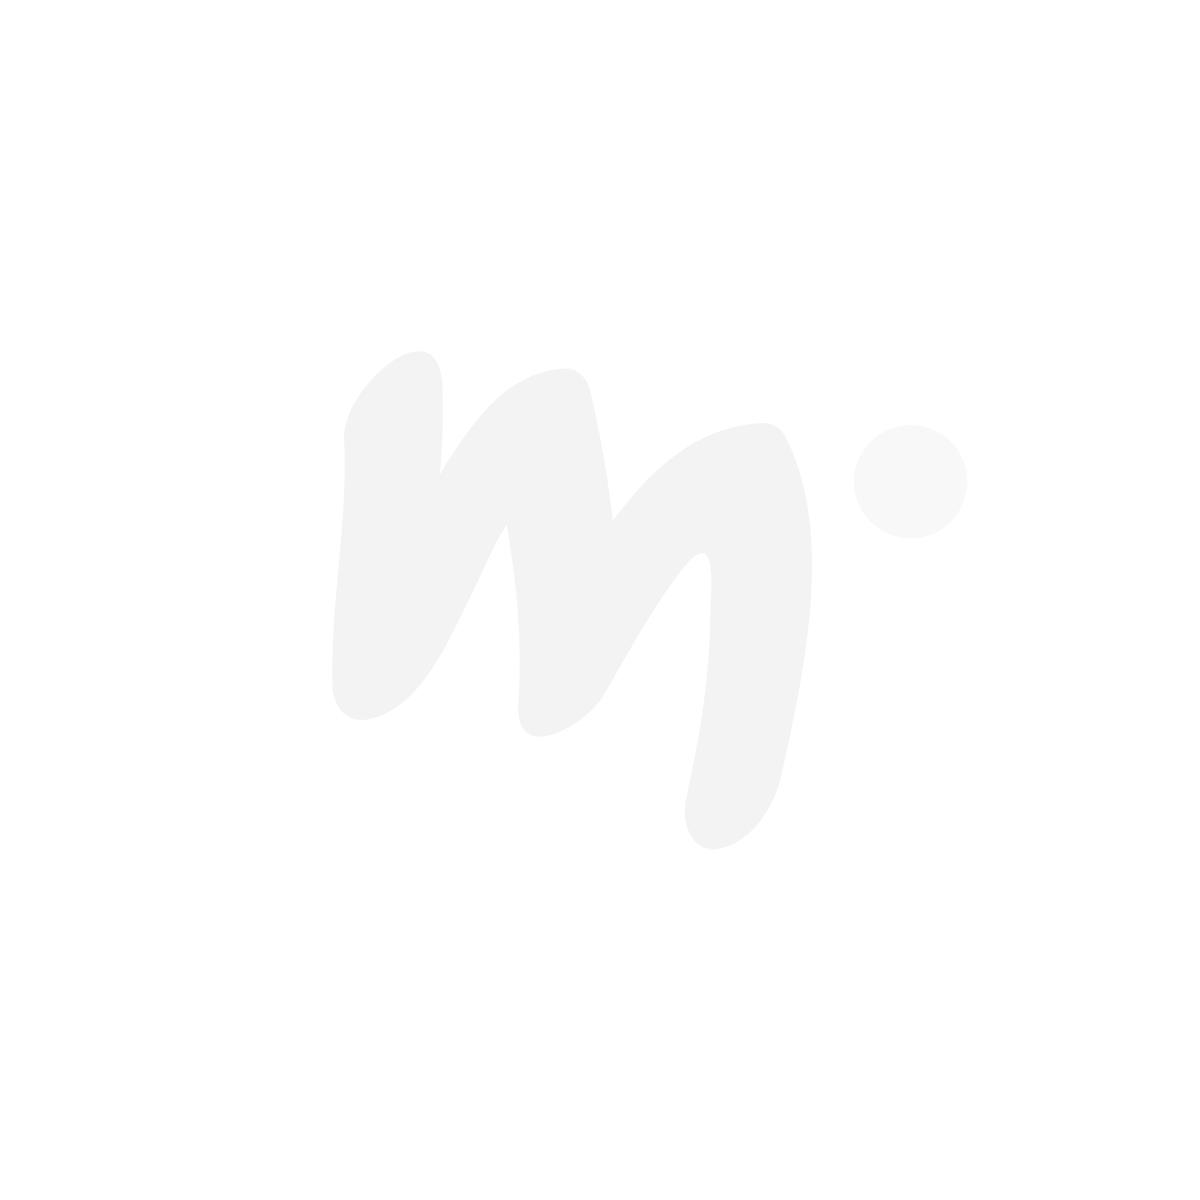 Peppi Pitkätossu Sitaatti-alushousut 2 kpl